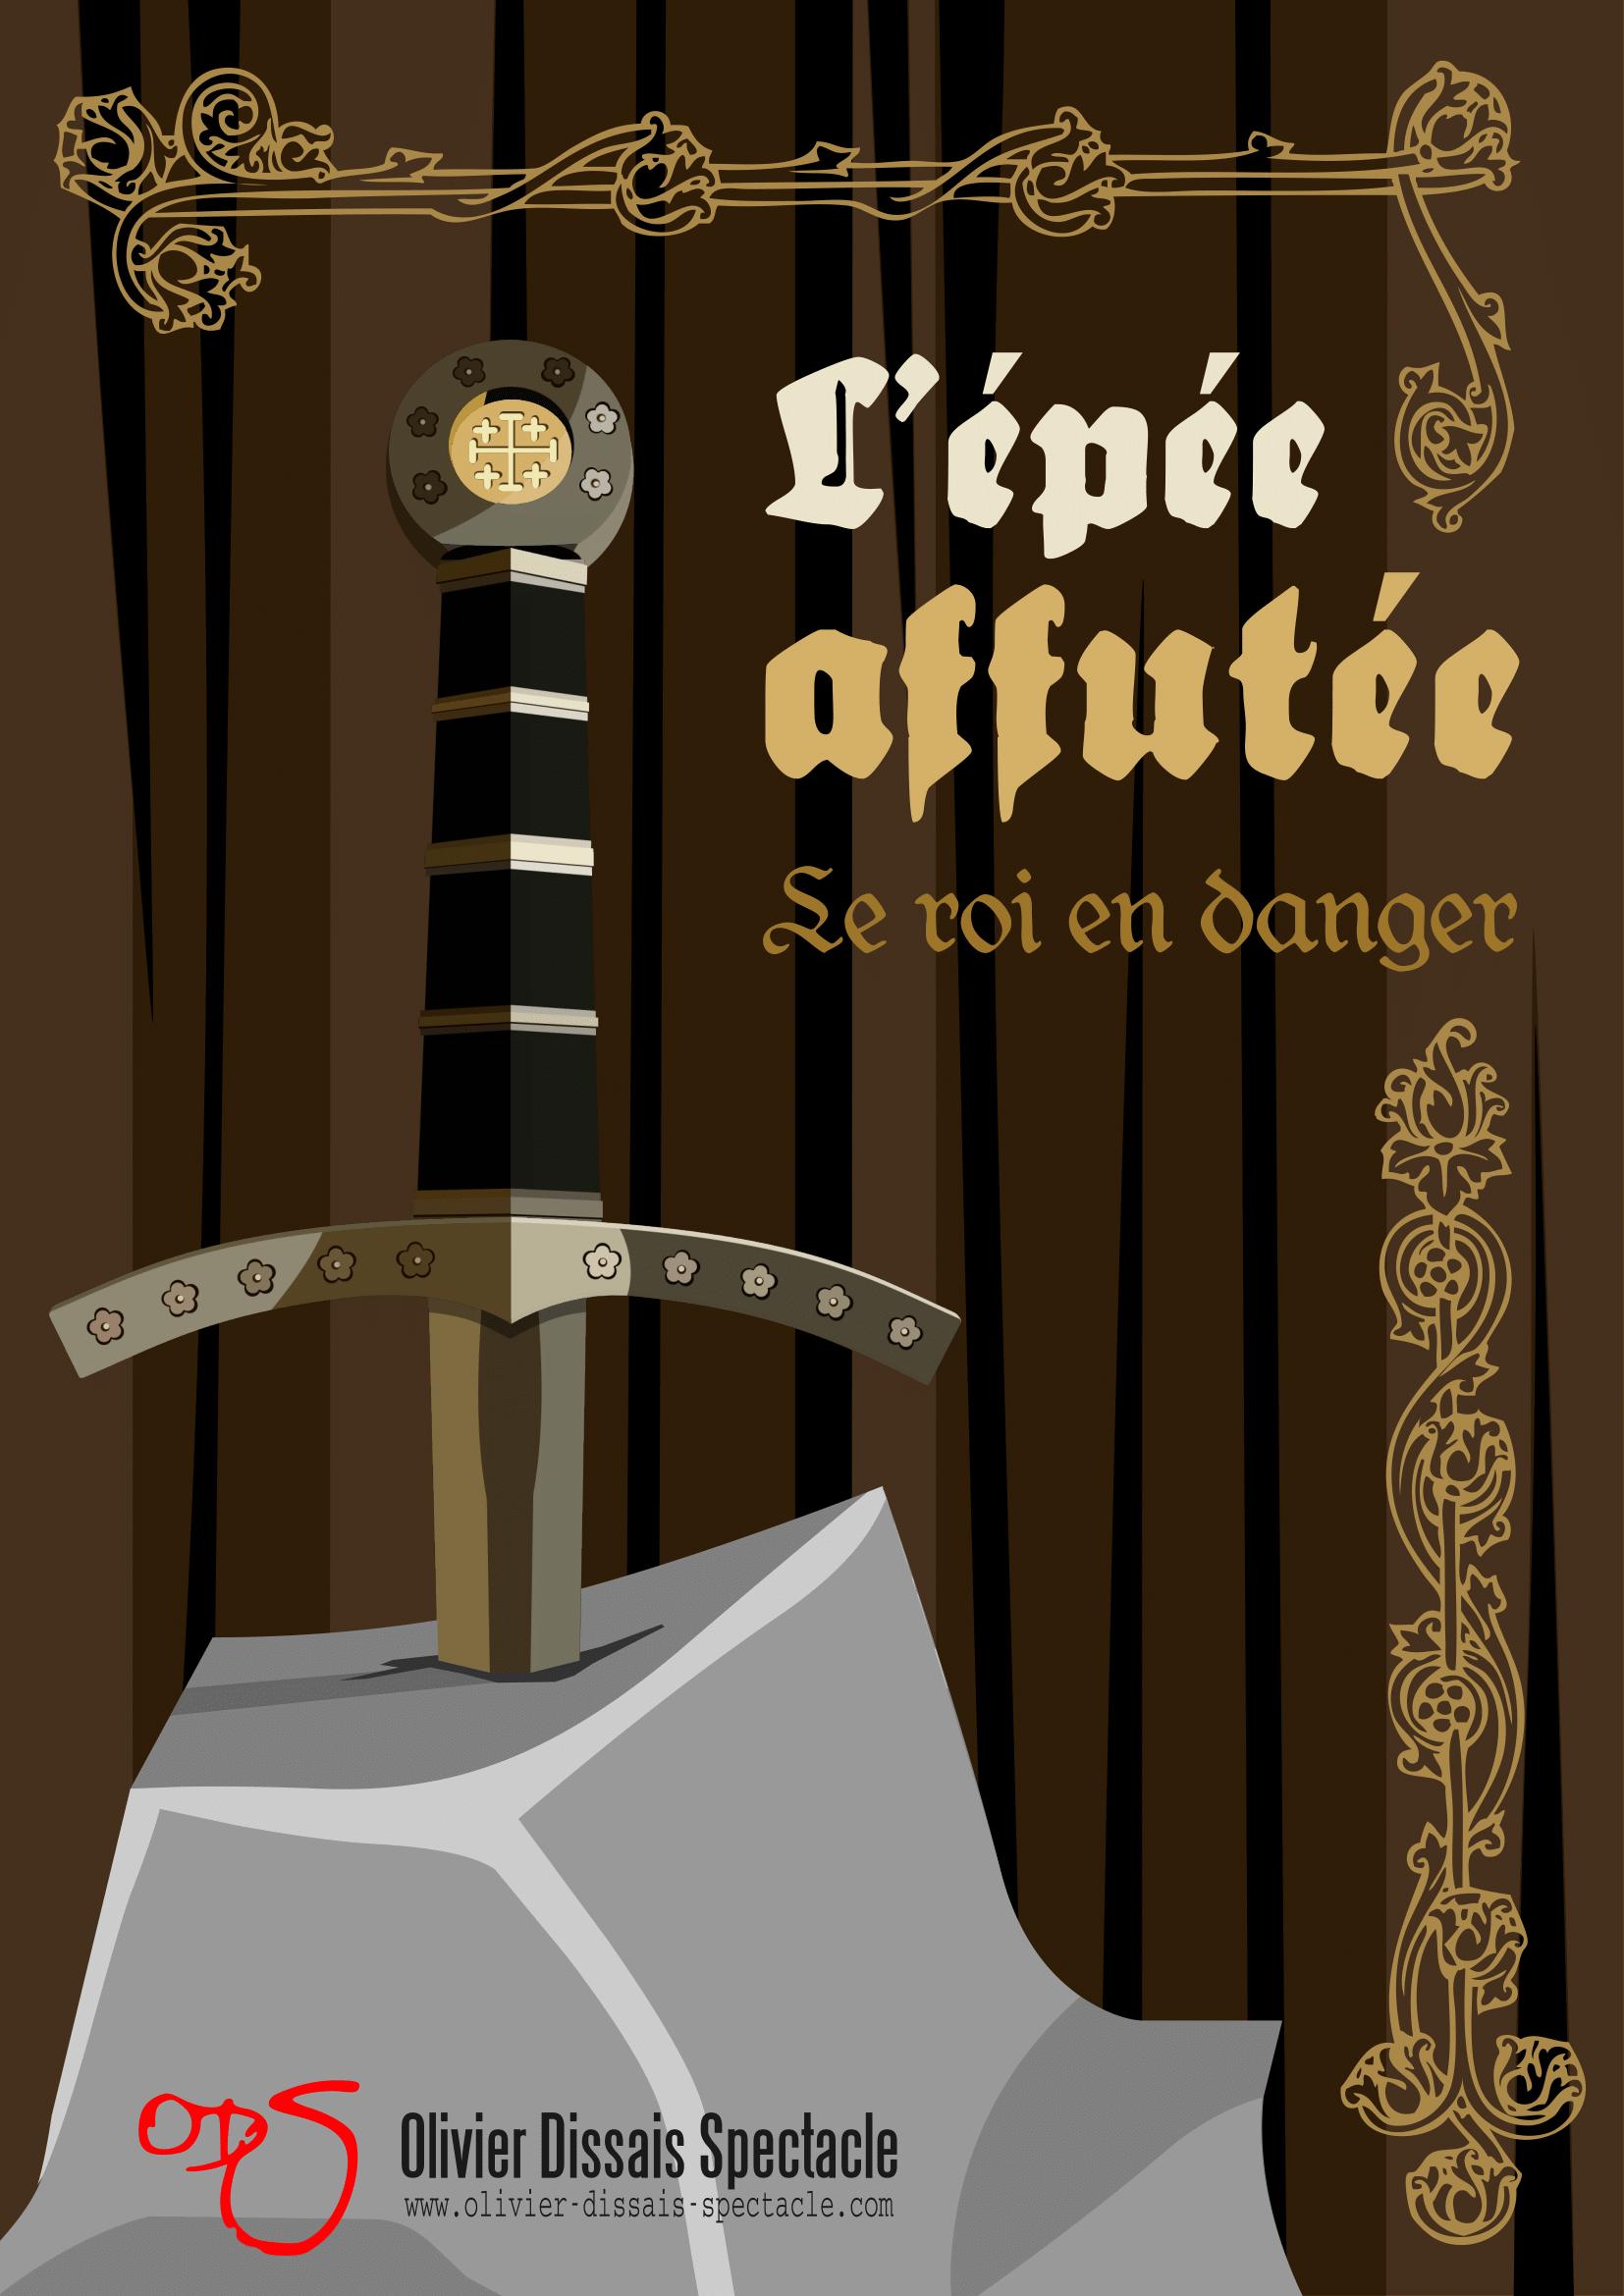 L'épée affutée le roi en danger